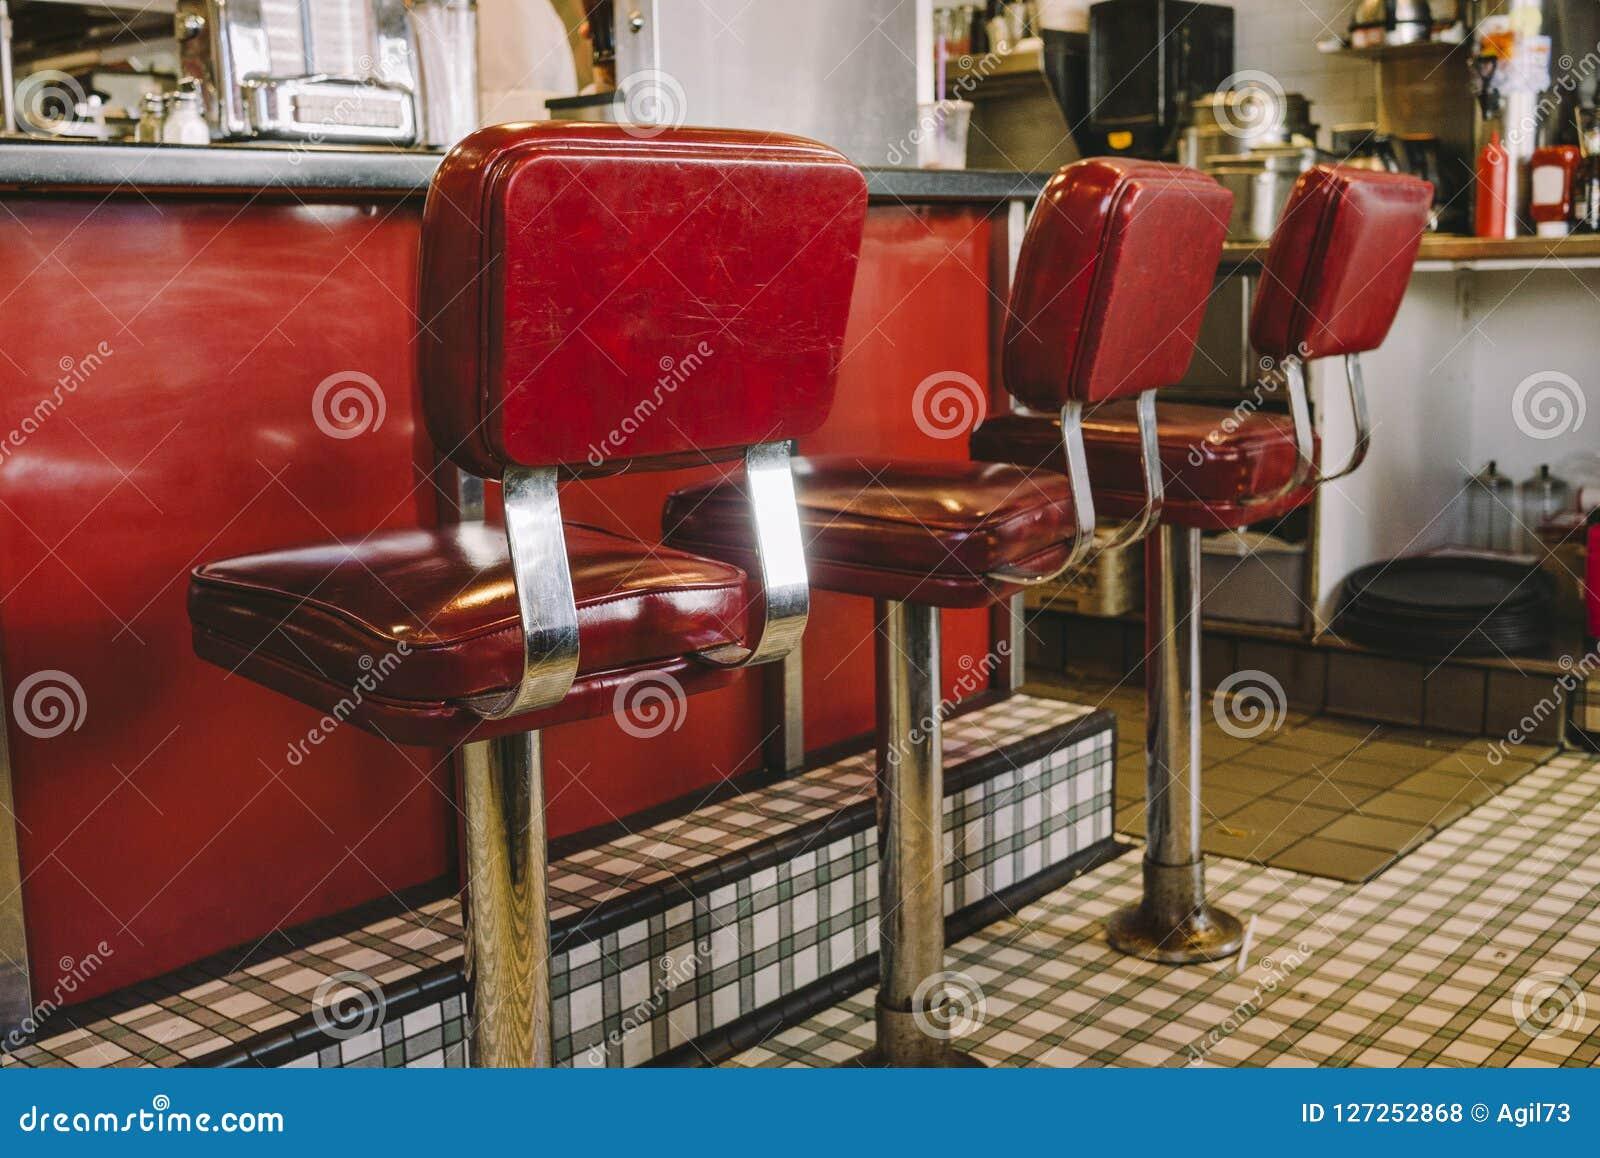 Rode Cabinekrukken in Diner